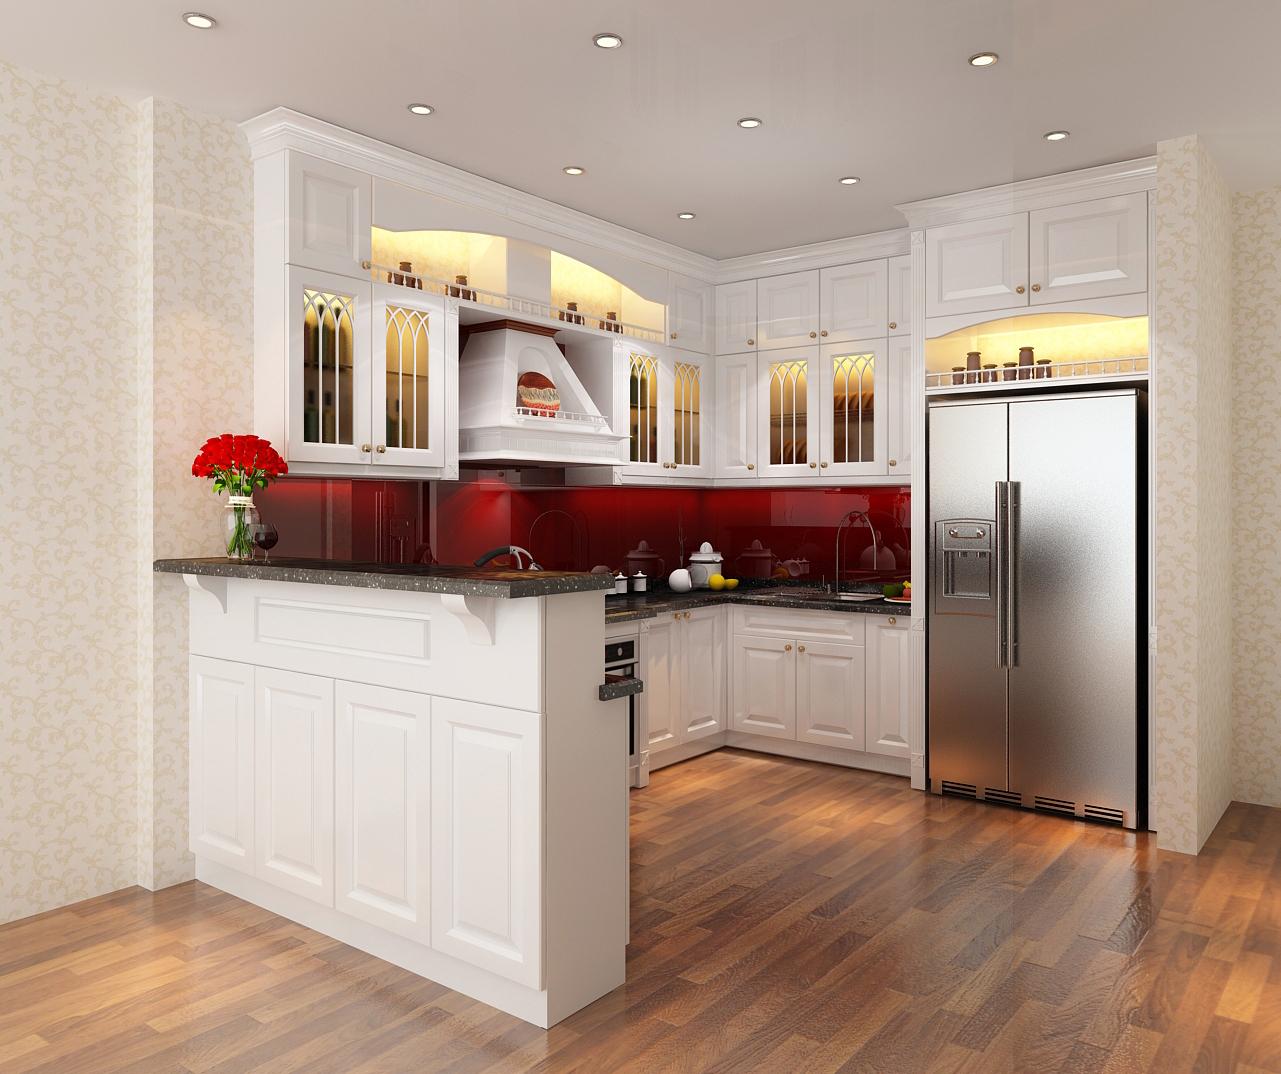 Chọn tủ bếp hiện đại gỗ sơn màu nhà phố